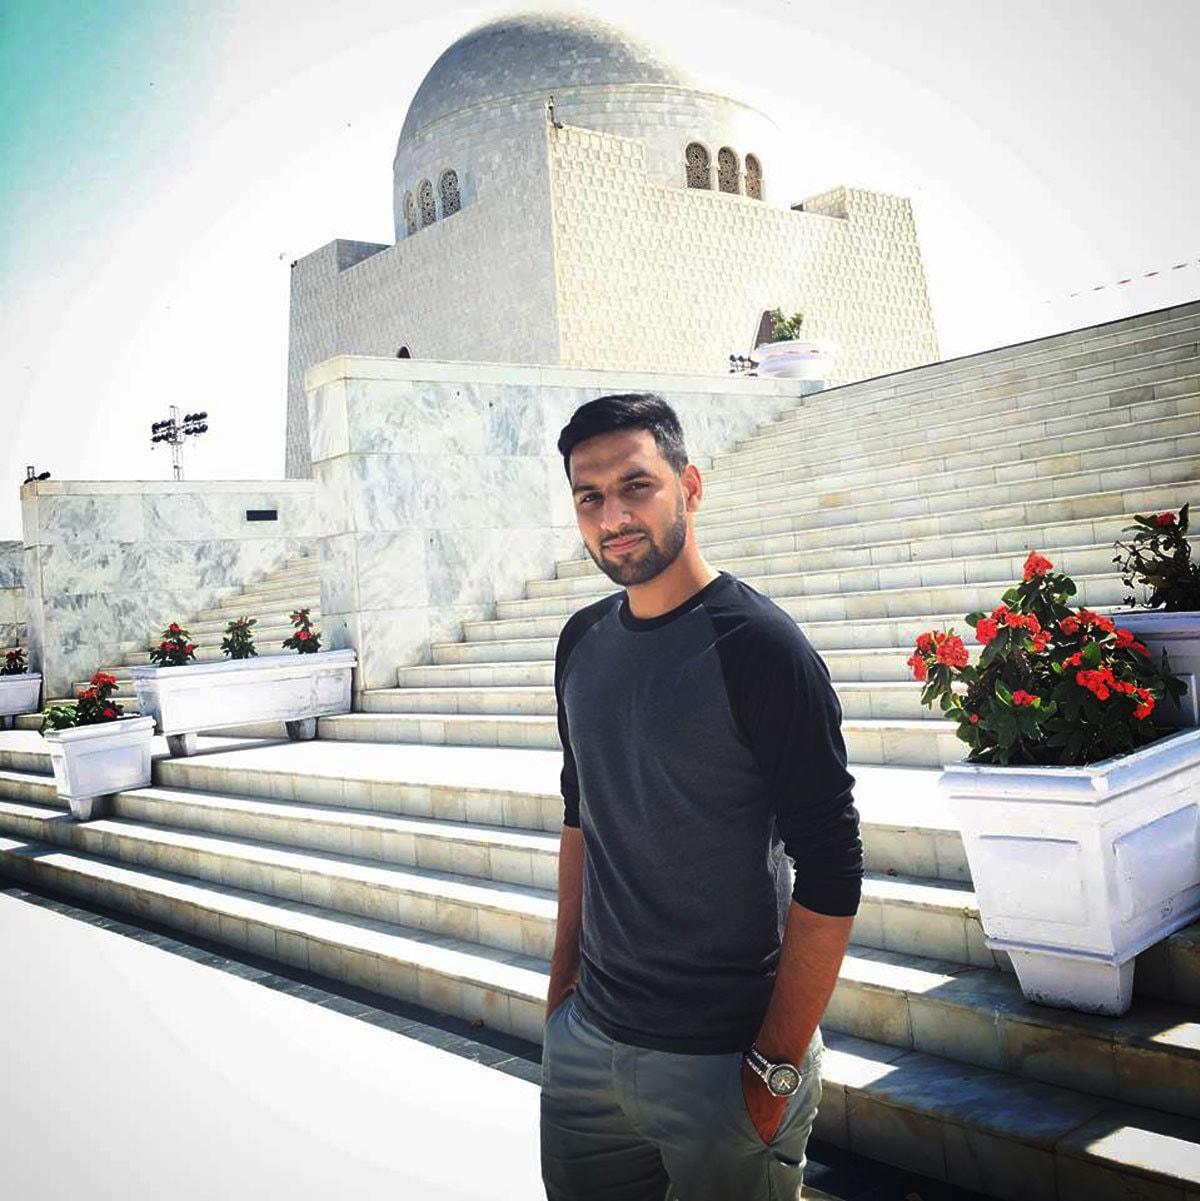 Zaid at the Quaid-e-Azam Mausoleum in Karachi